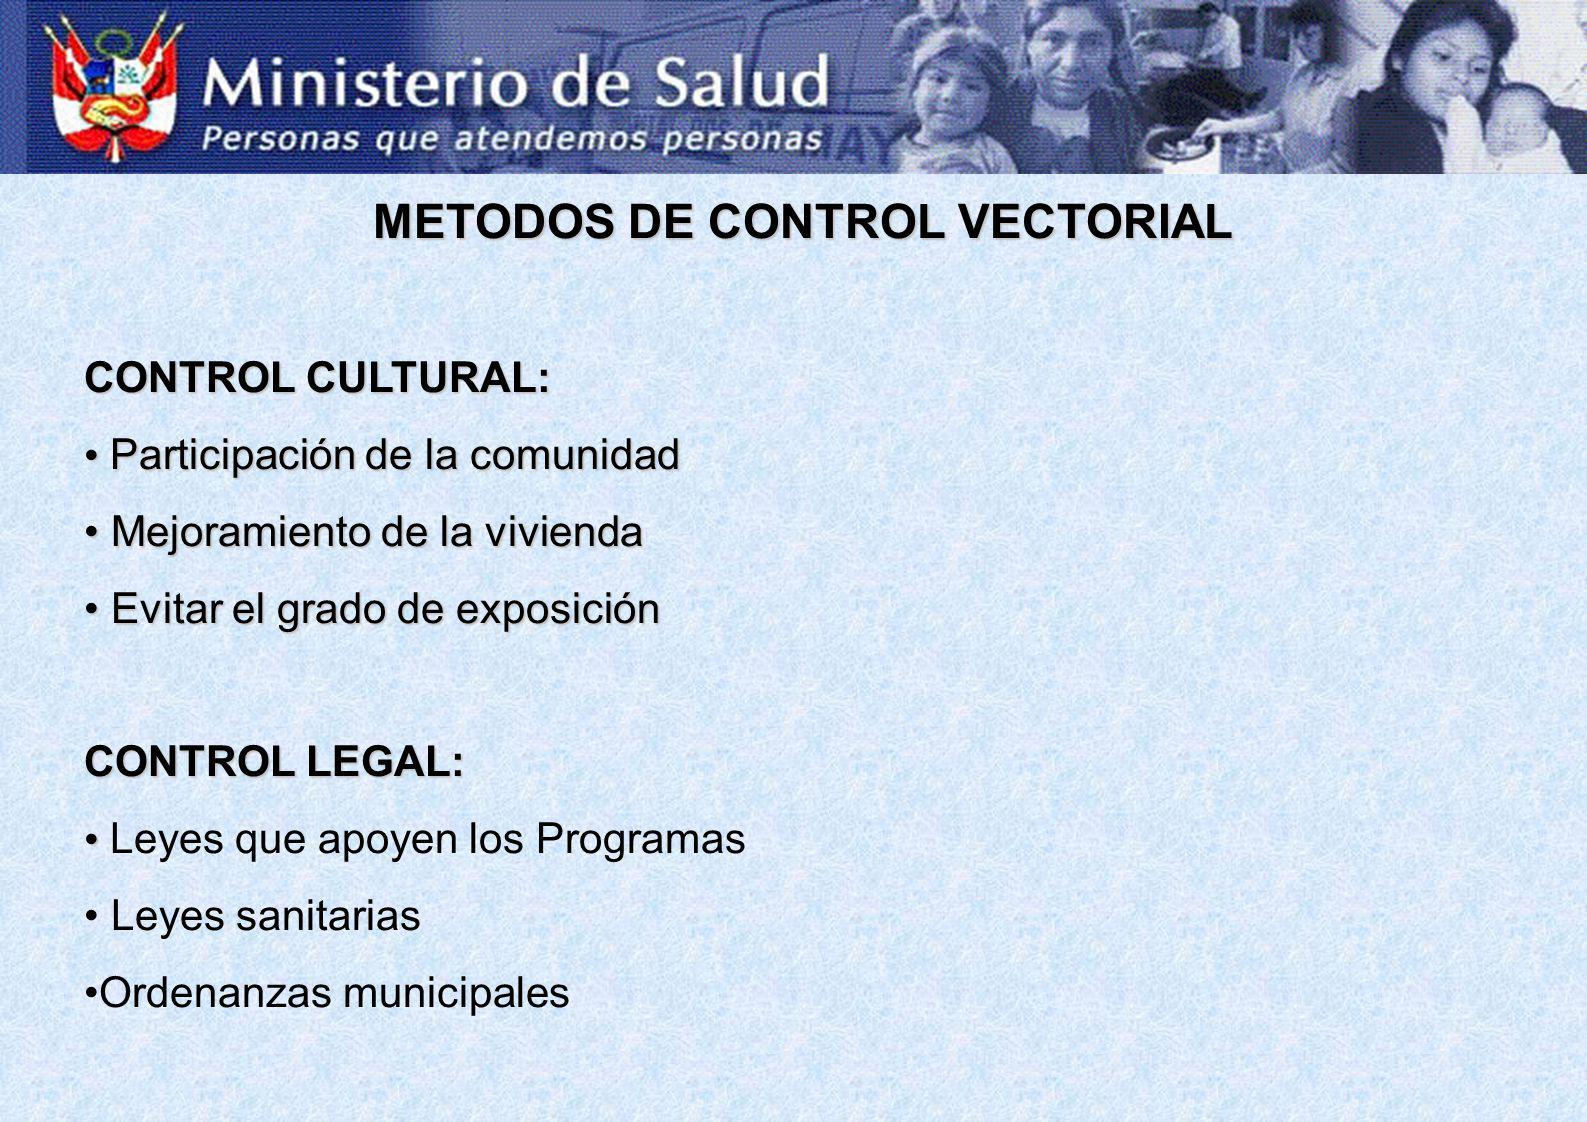 METODOS DE CONTROL VECTORIAL CONTROL CULTURAL: Participación de la comunidad Participación de la comunidad Mejoramiento de la vivienda Mejoramiento de